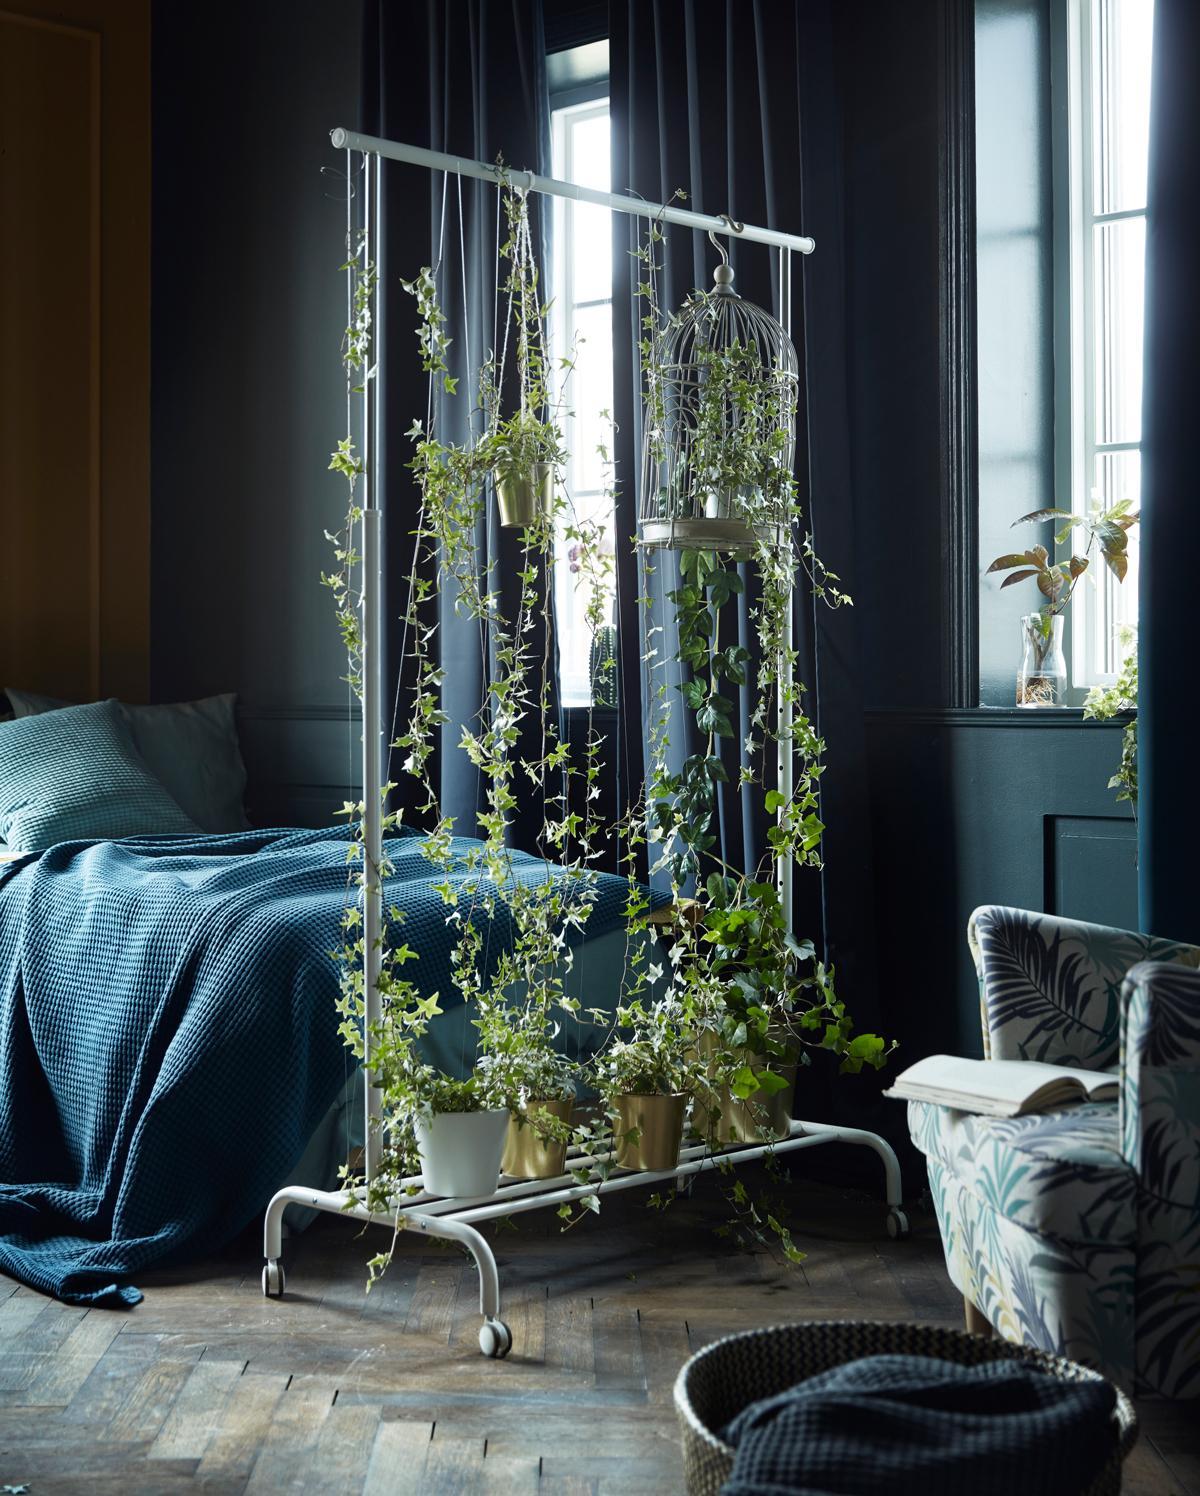 Nemáme domov hľadať, ale domov vytvárať. H. Seidel - Ikea/ článok k foto na https://www.doma.sk/interier/zelene-dekoracie-ako-vkusne-zmenit-interier-pomocou-rastlin/